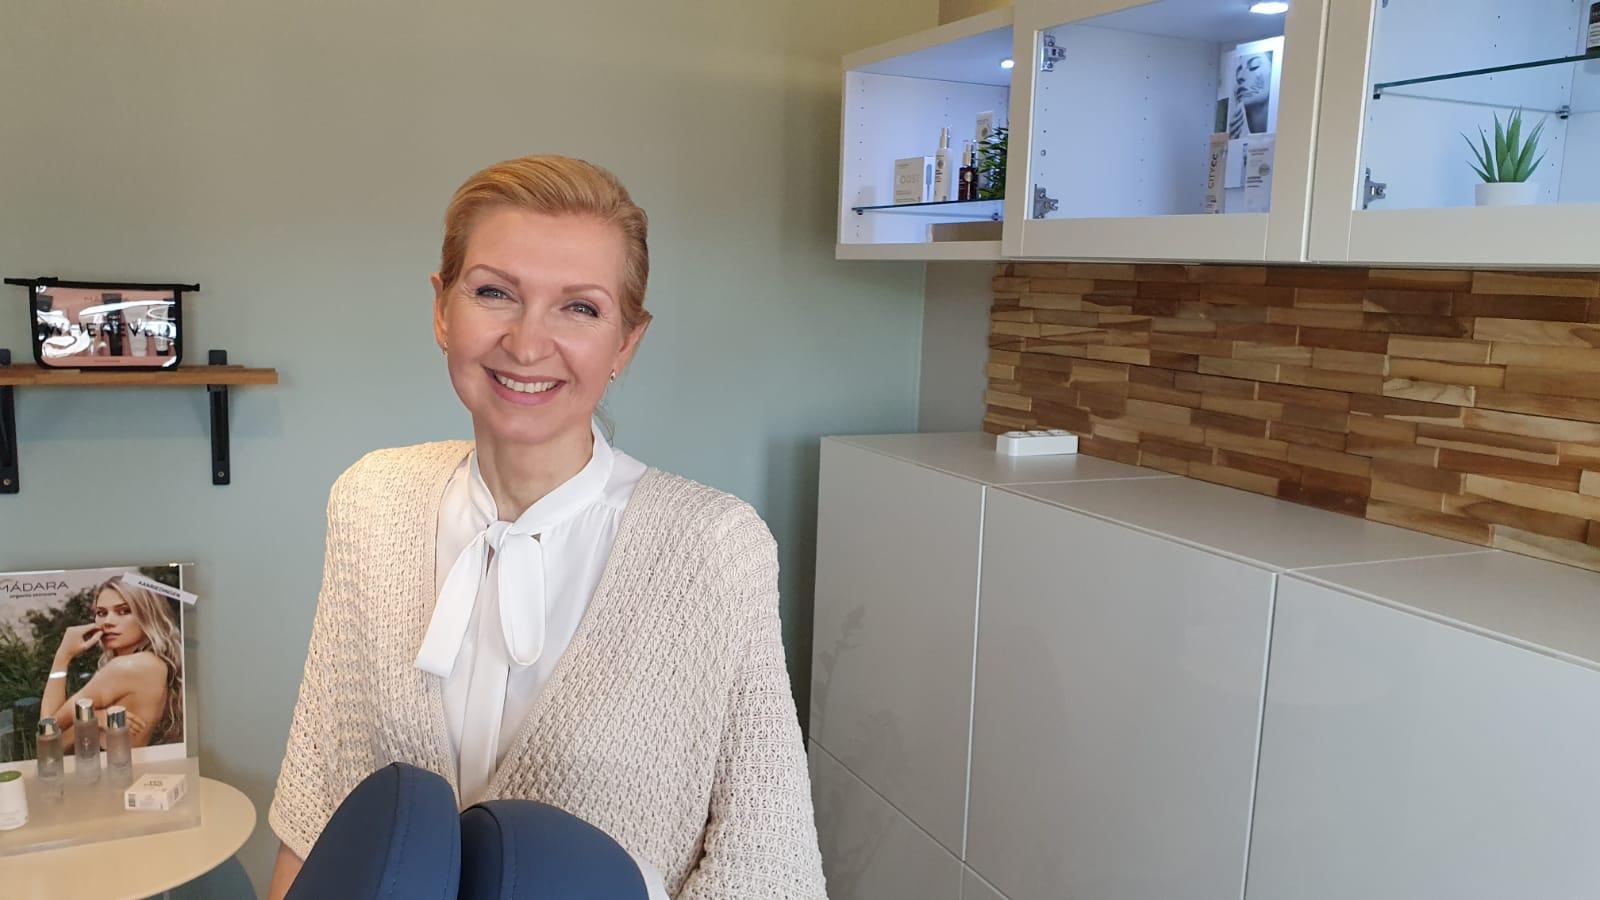 Yvonne Alberts is de specialiste bij Schoonheidssalonyvonnepurmerend.nl